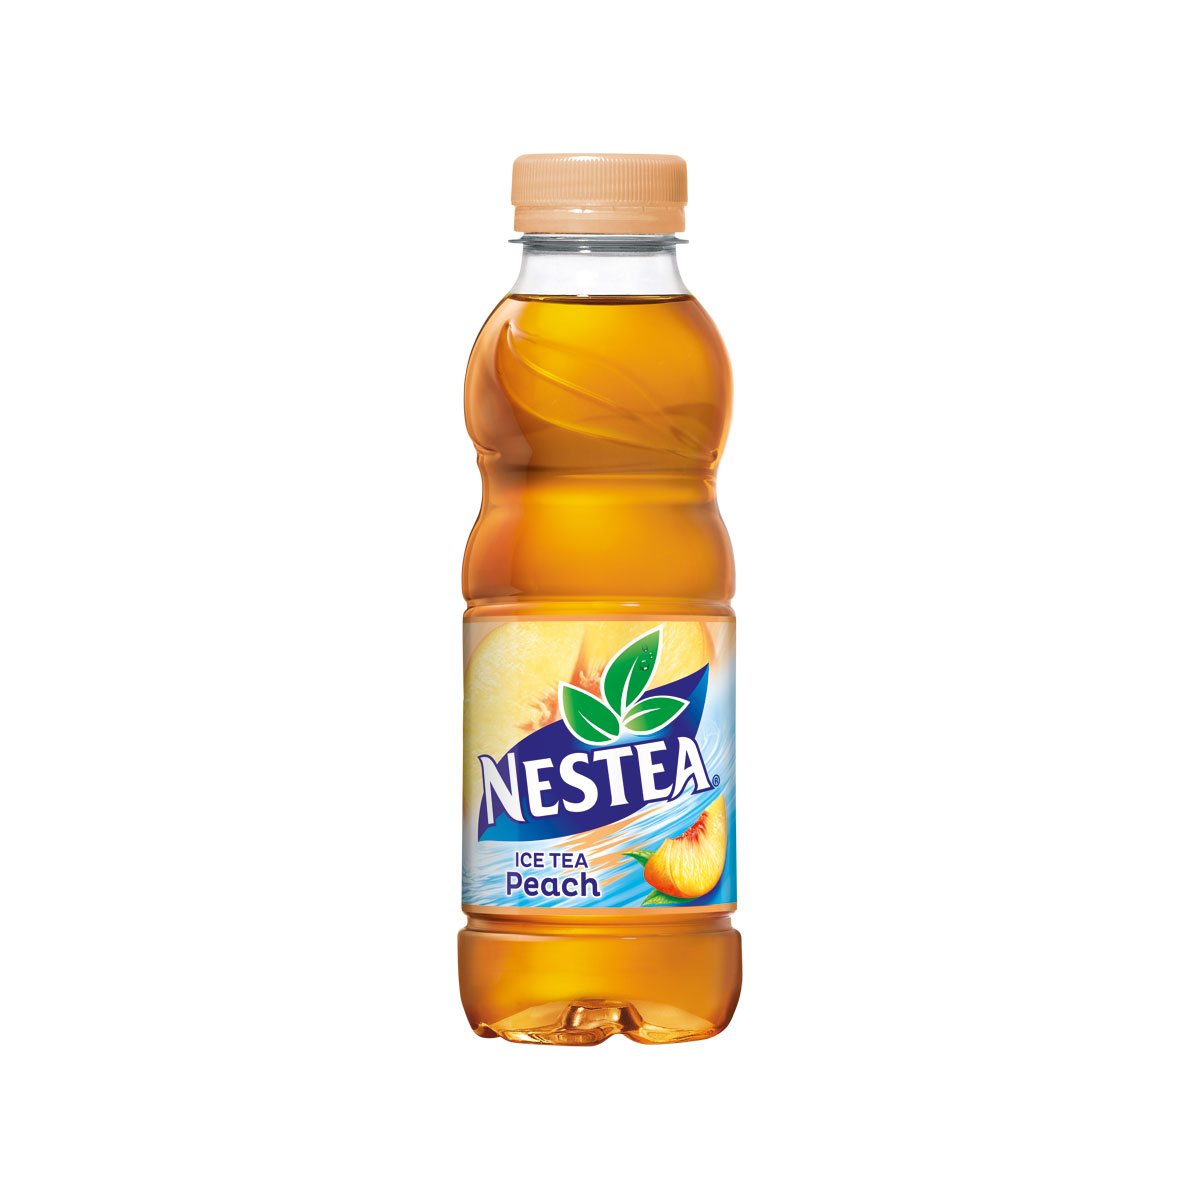 Nestea Eistee